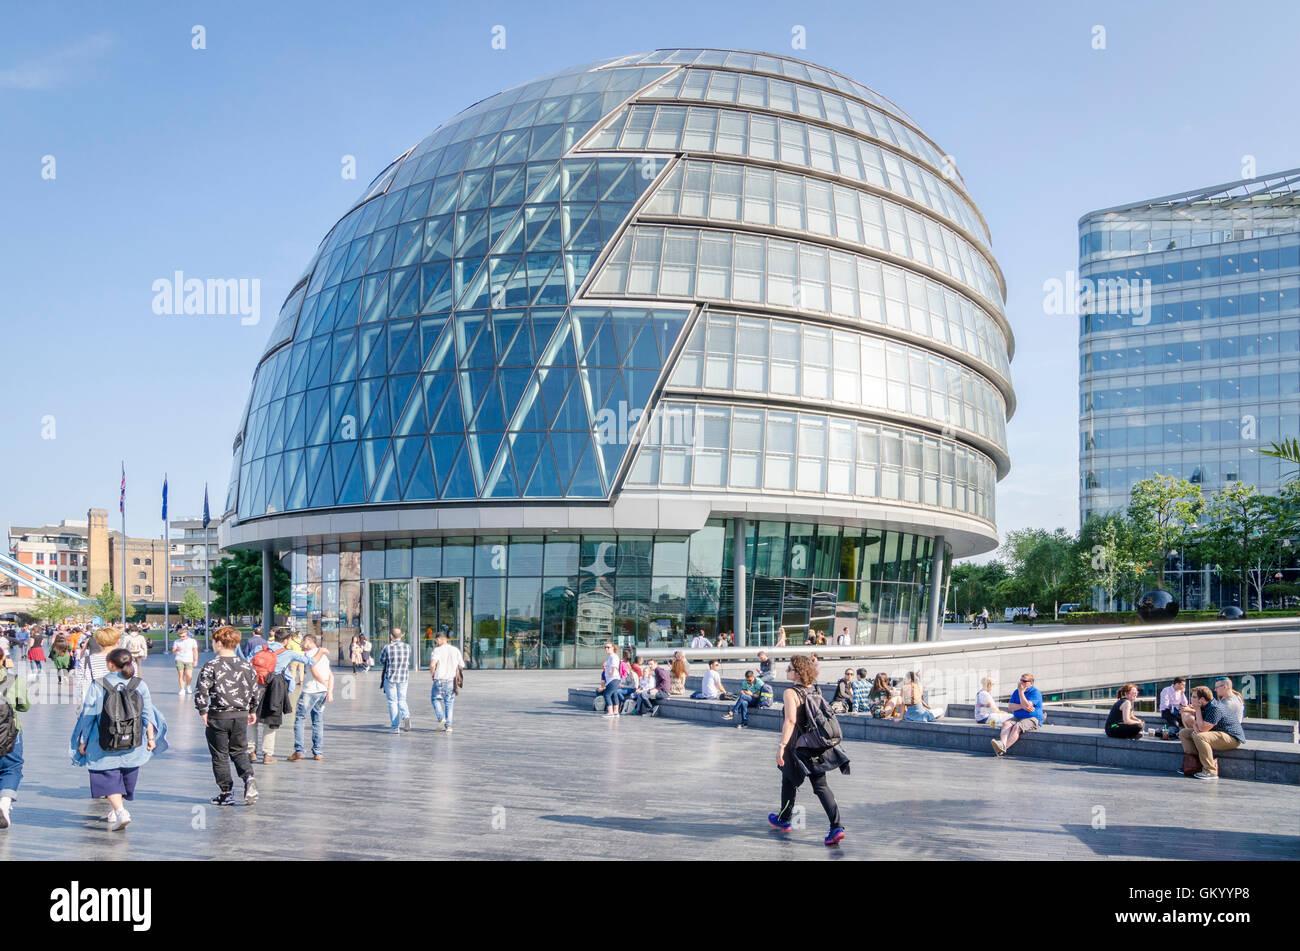 Le persone al di fuori della City Hall di Londra, Regno Unito Immagini Stock